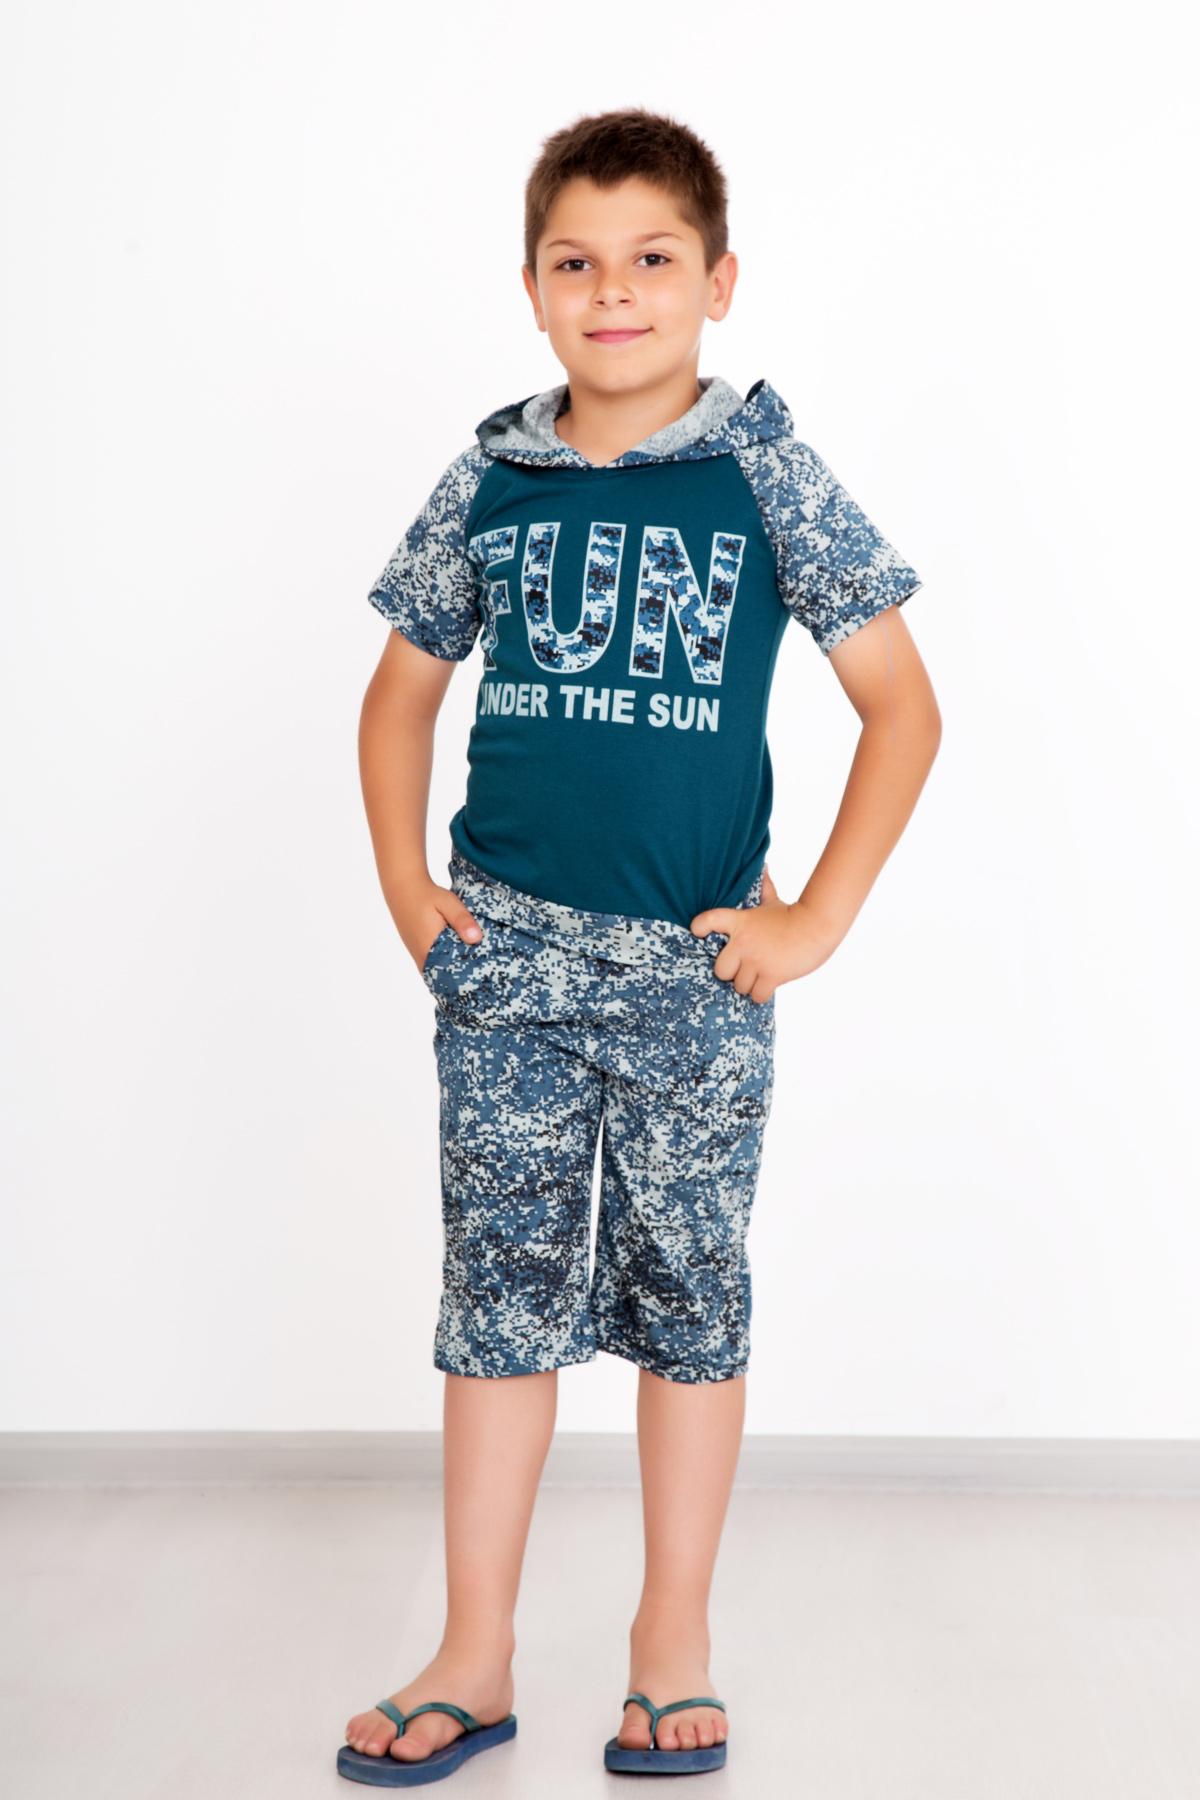 Дет. костюм Ким р. 30Распродажа товаров<br><br><br>Тип: Дет. костюм<br>Размер: 30<br>Материал: Кулирка